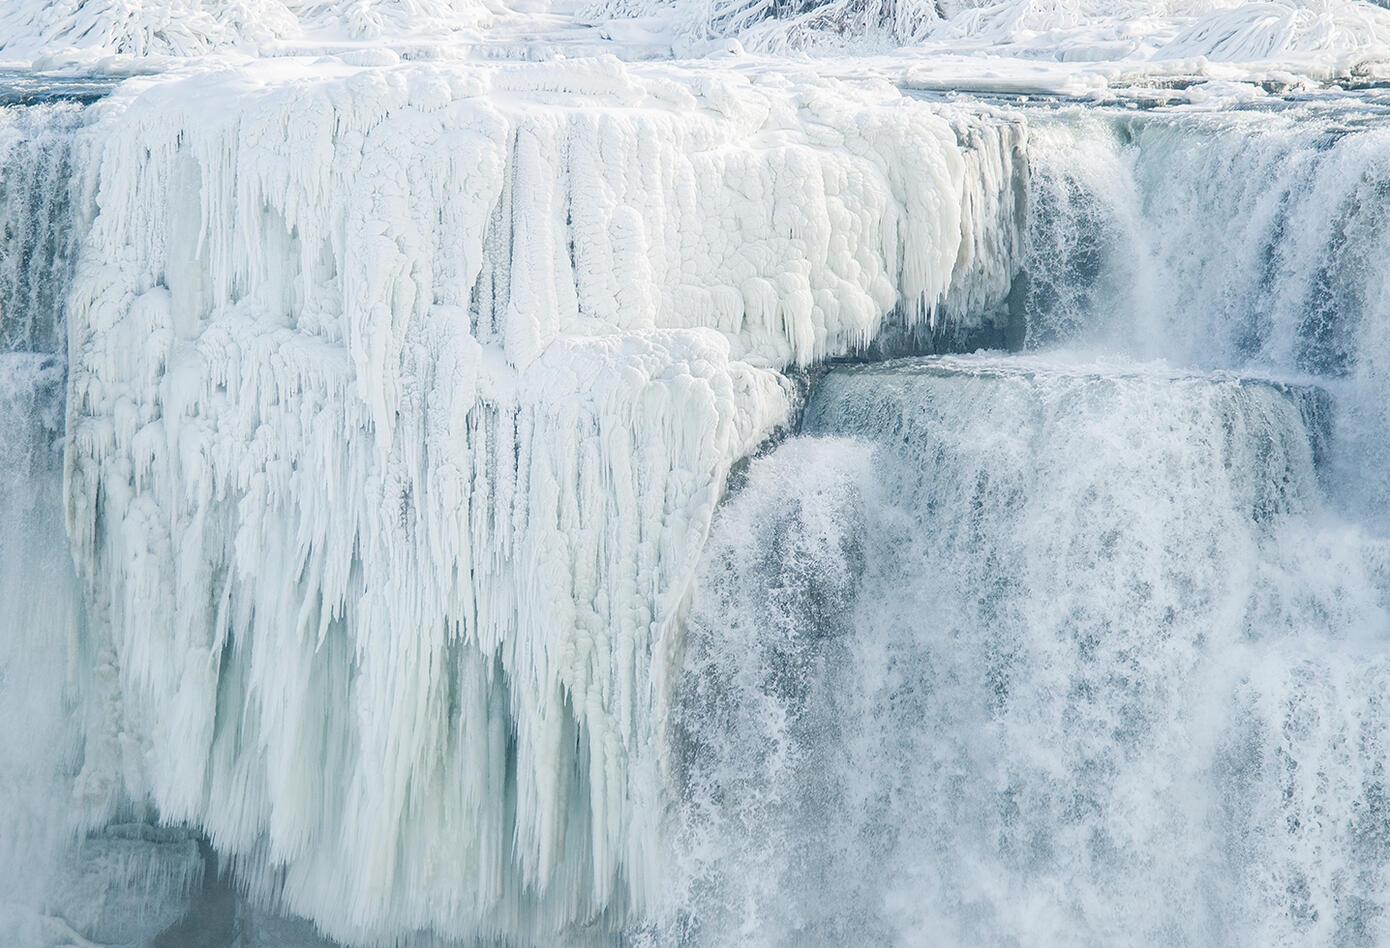 Las Cataratas del Niágara, ubicadas en la frontera entre Estados Unidos y Canadá